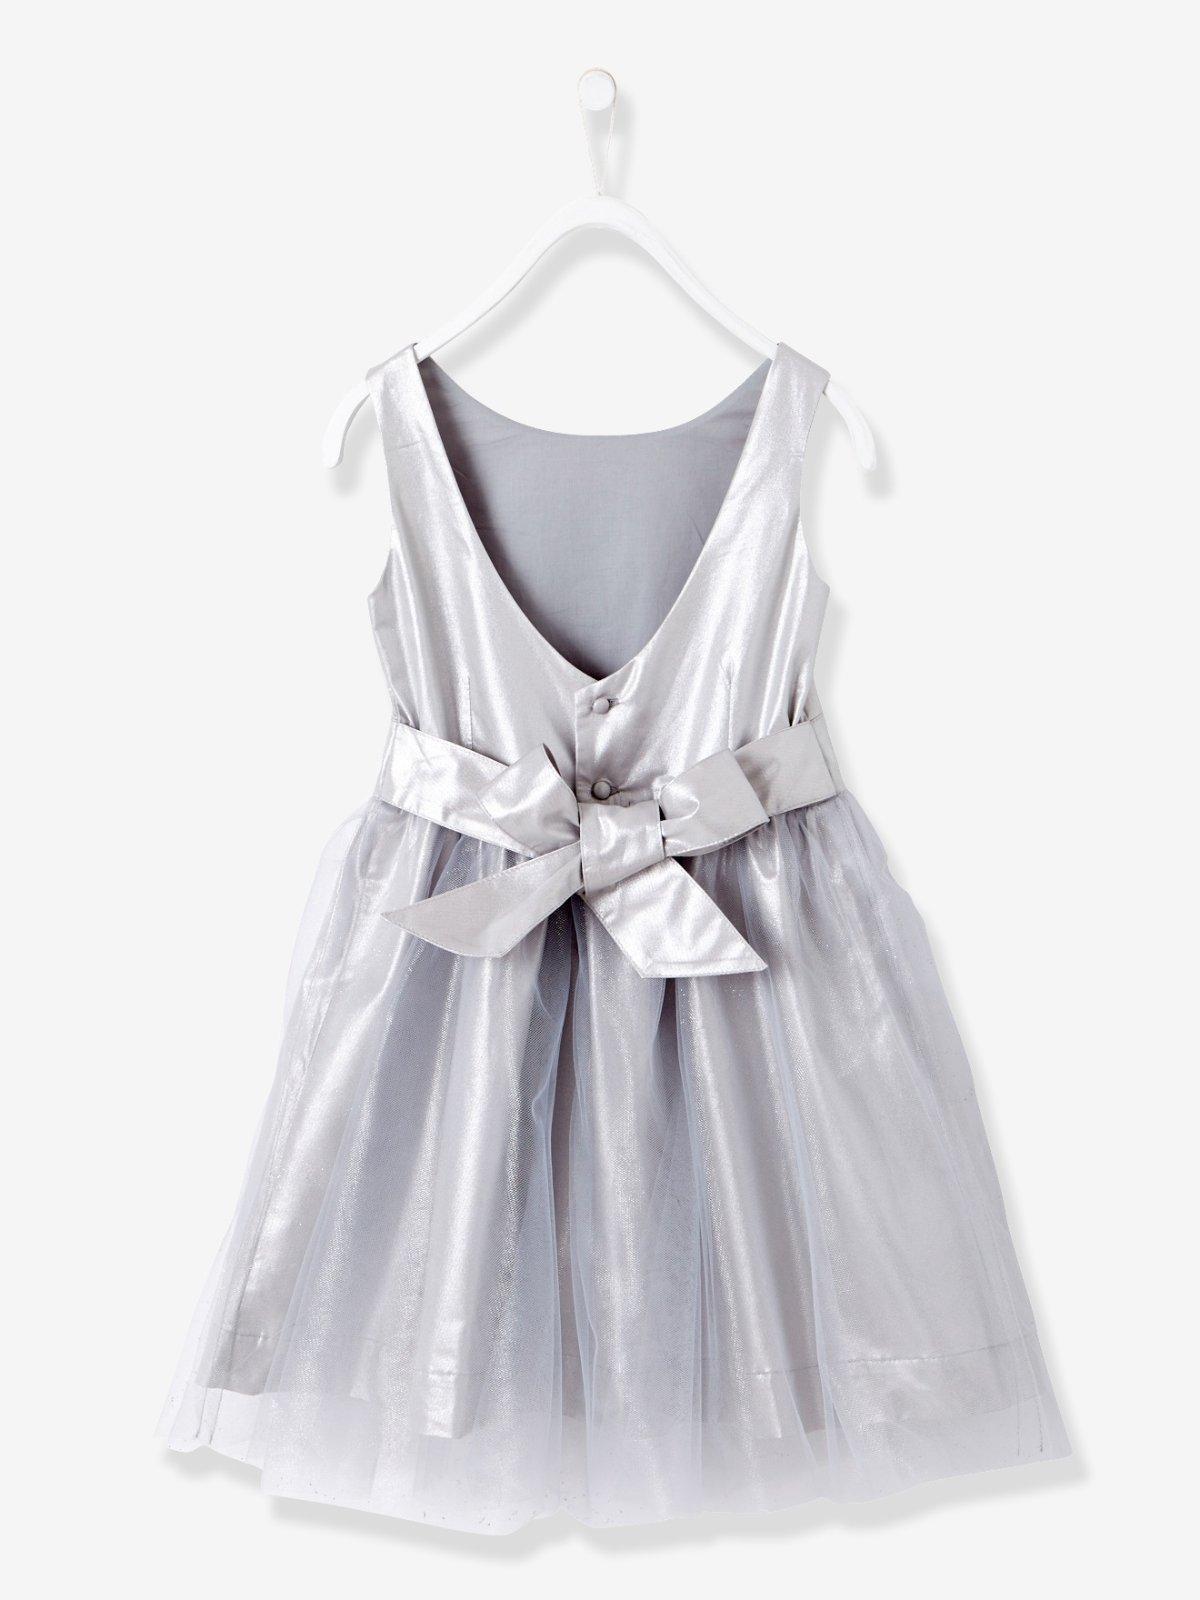 Nové slavnostní šaty Verbaudet - Obrázek č. 2